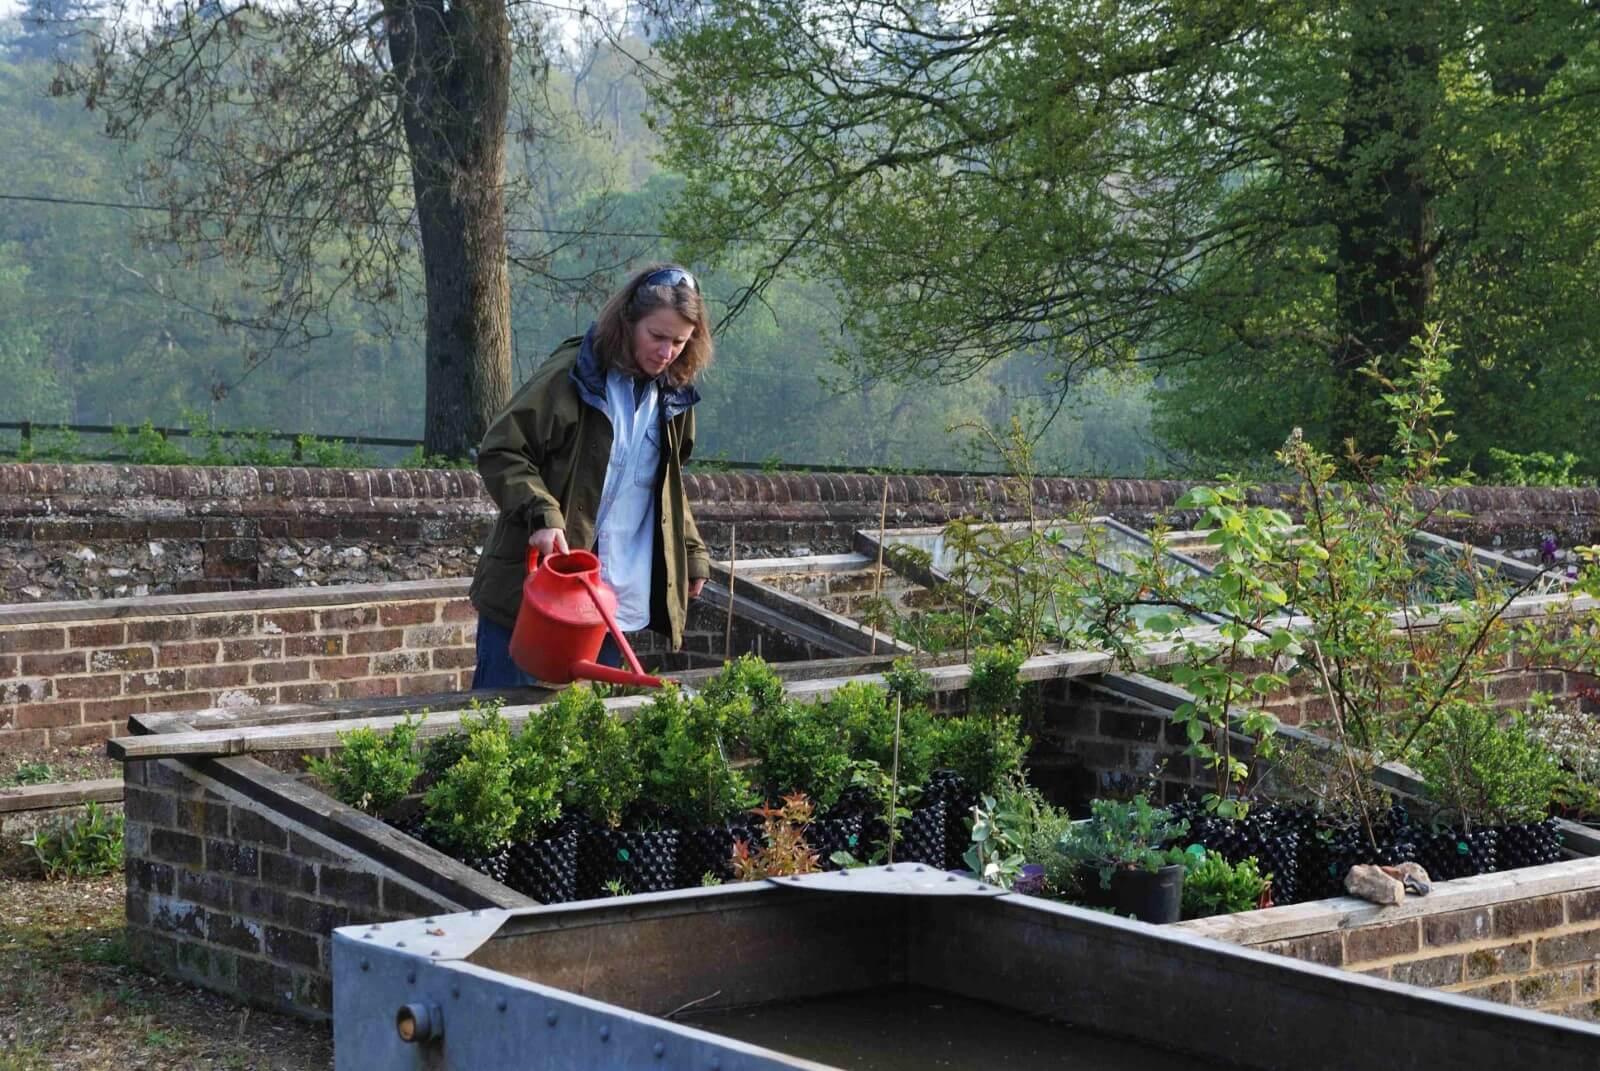 The Garden Recruitment Network